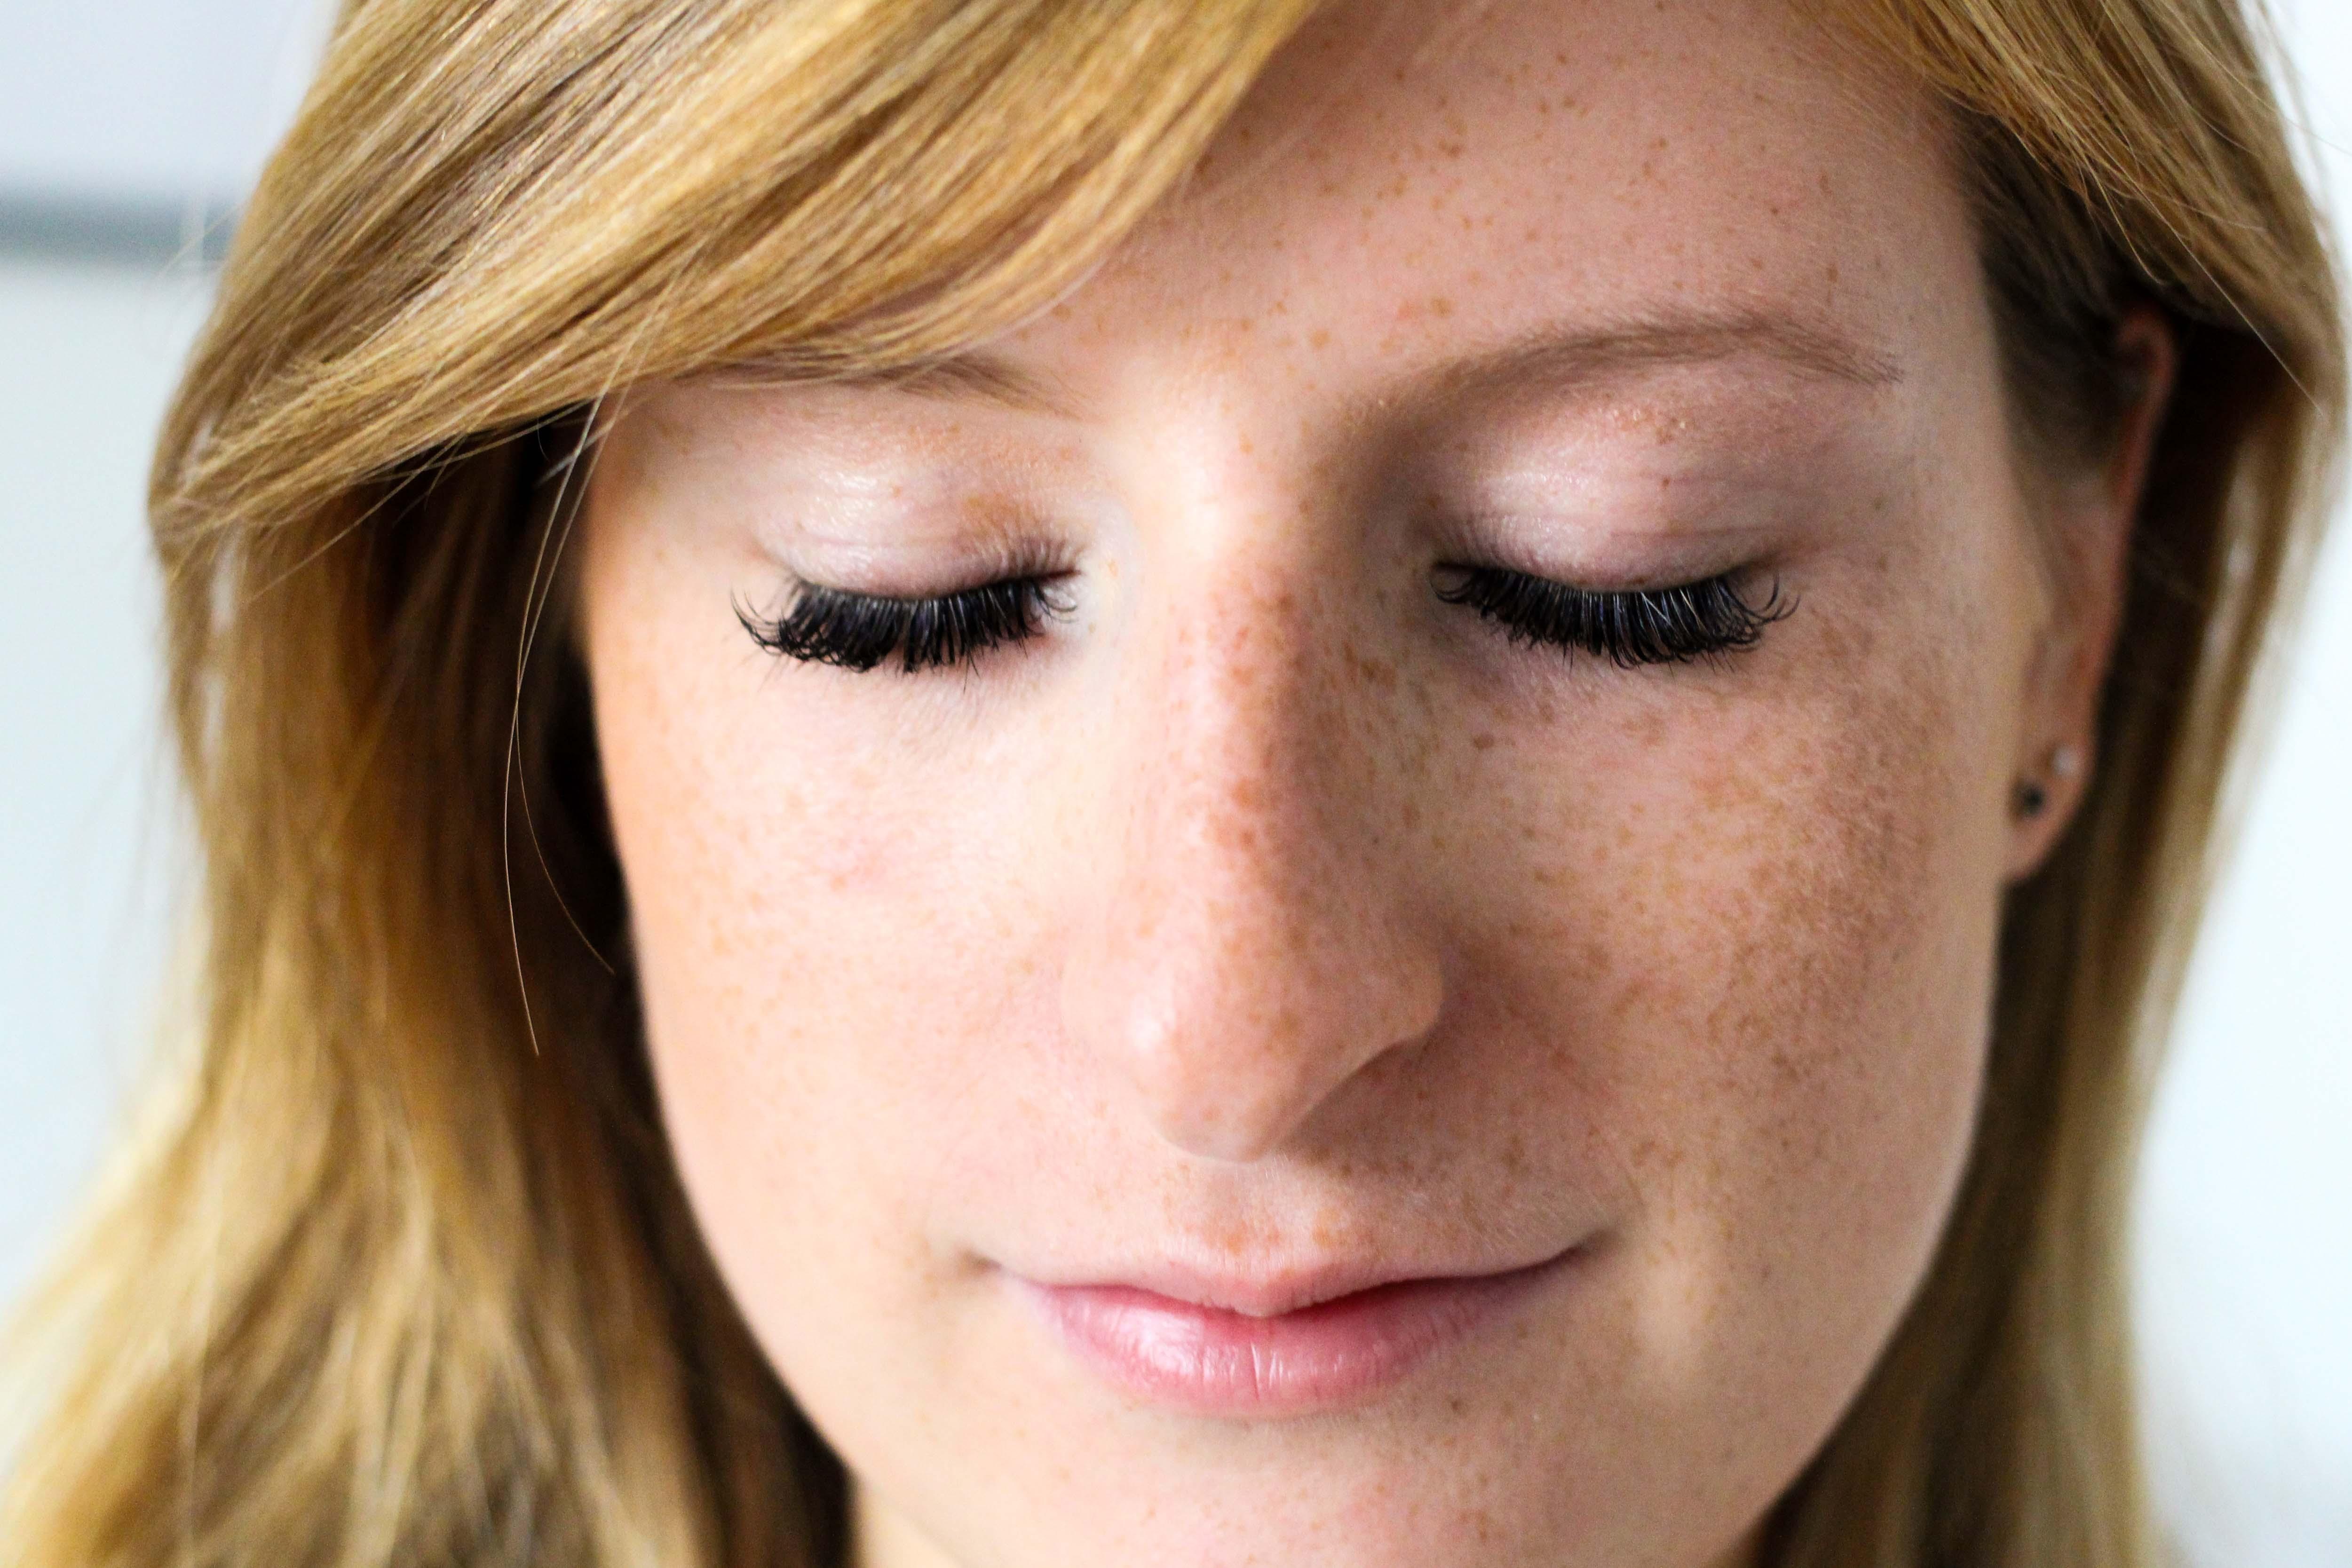 Wimpernverlängerung wimpernververdichtung effekt btstyle bonn erfahrung beauty blog 3